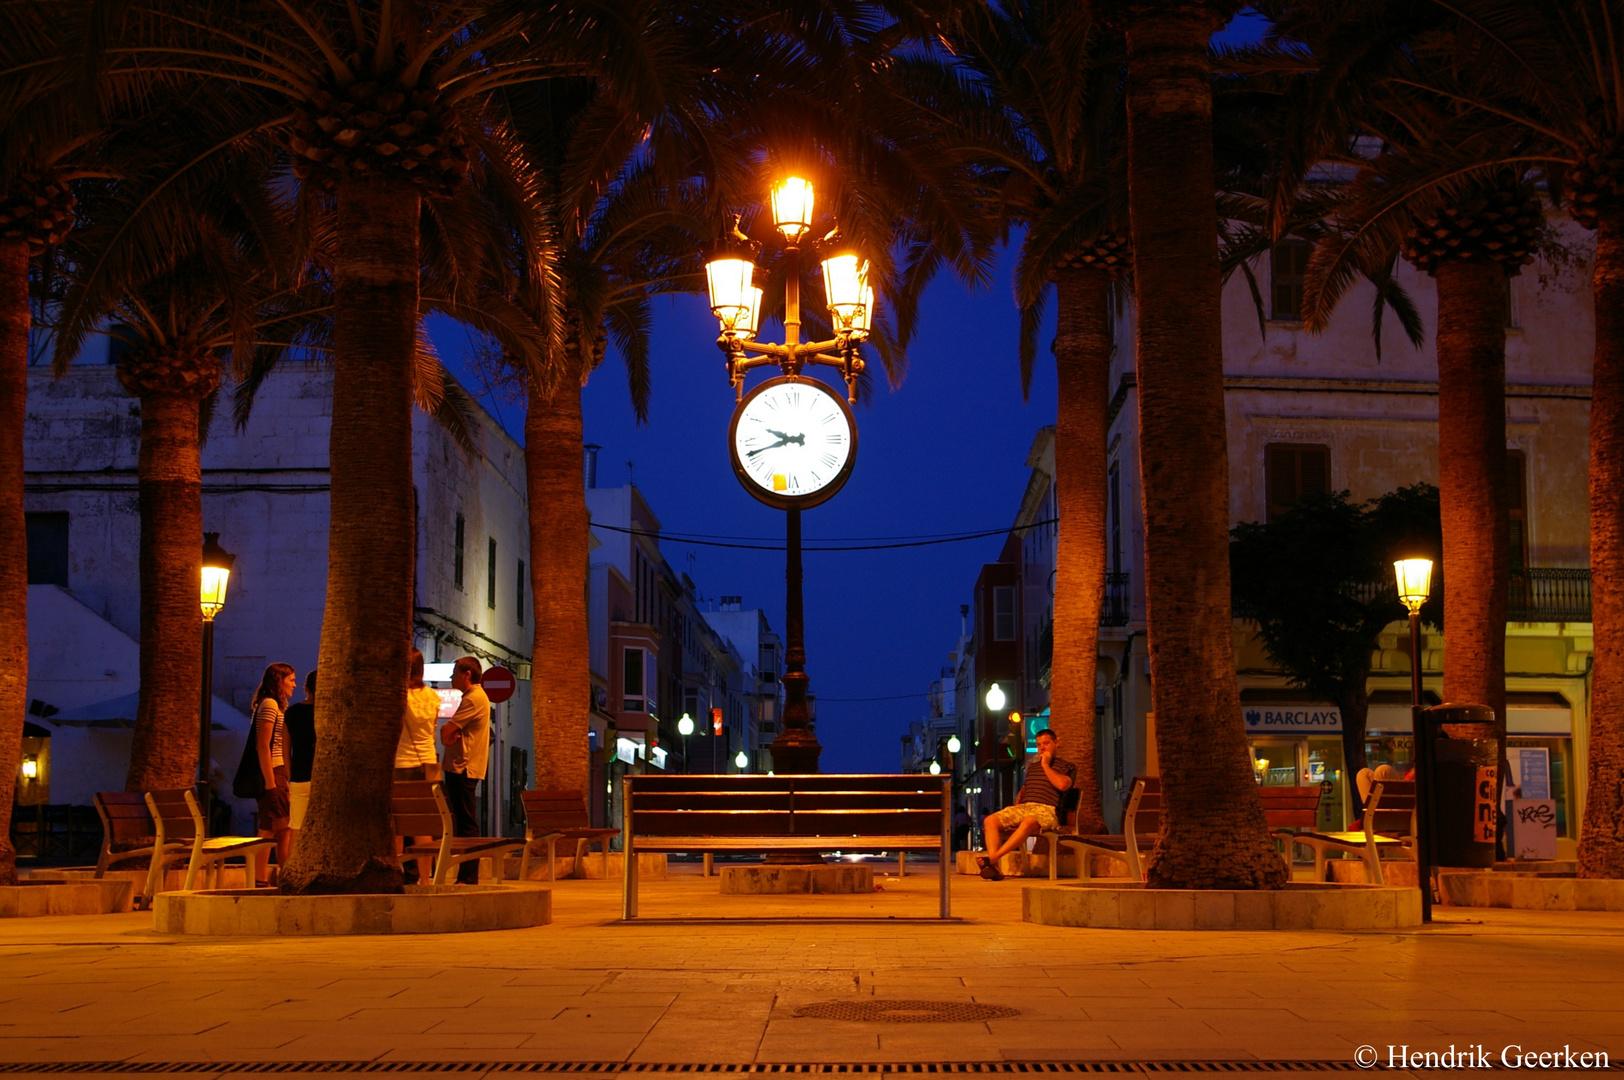 Uhr unter Palmen